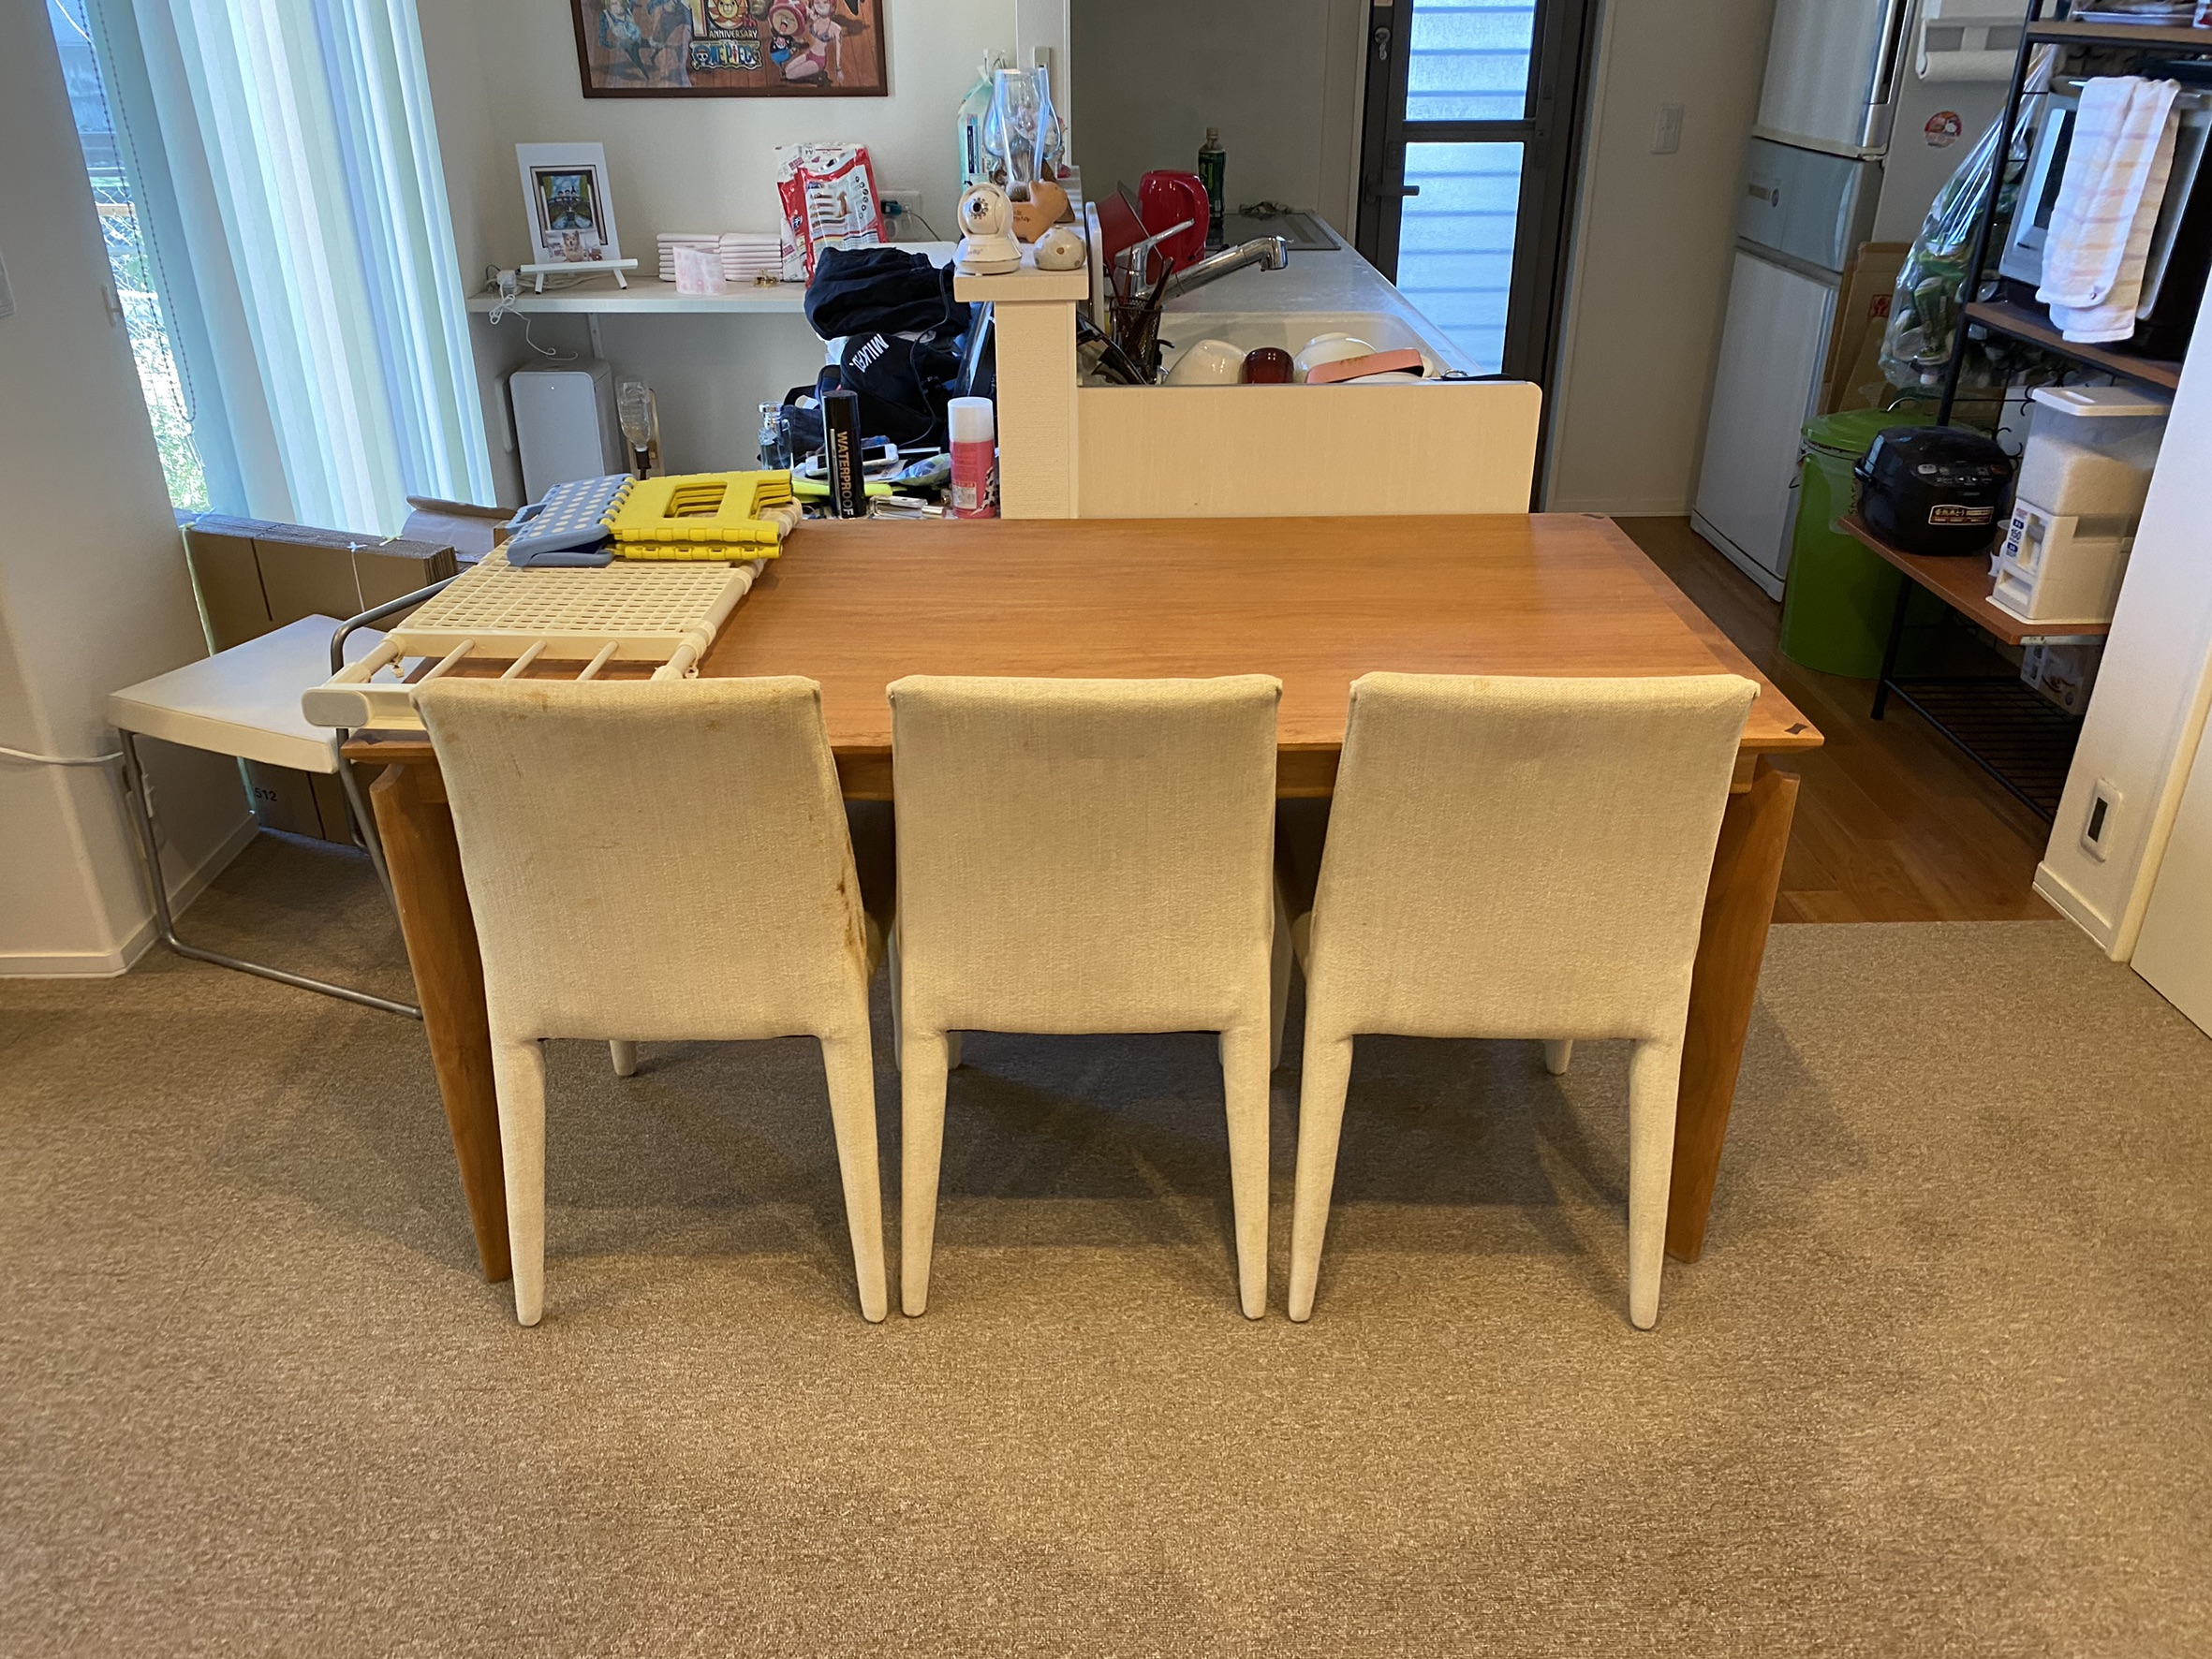 ダイニングテーブル、椅子の回収前